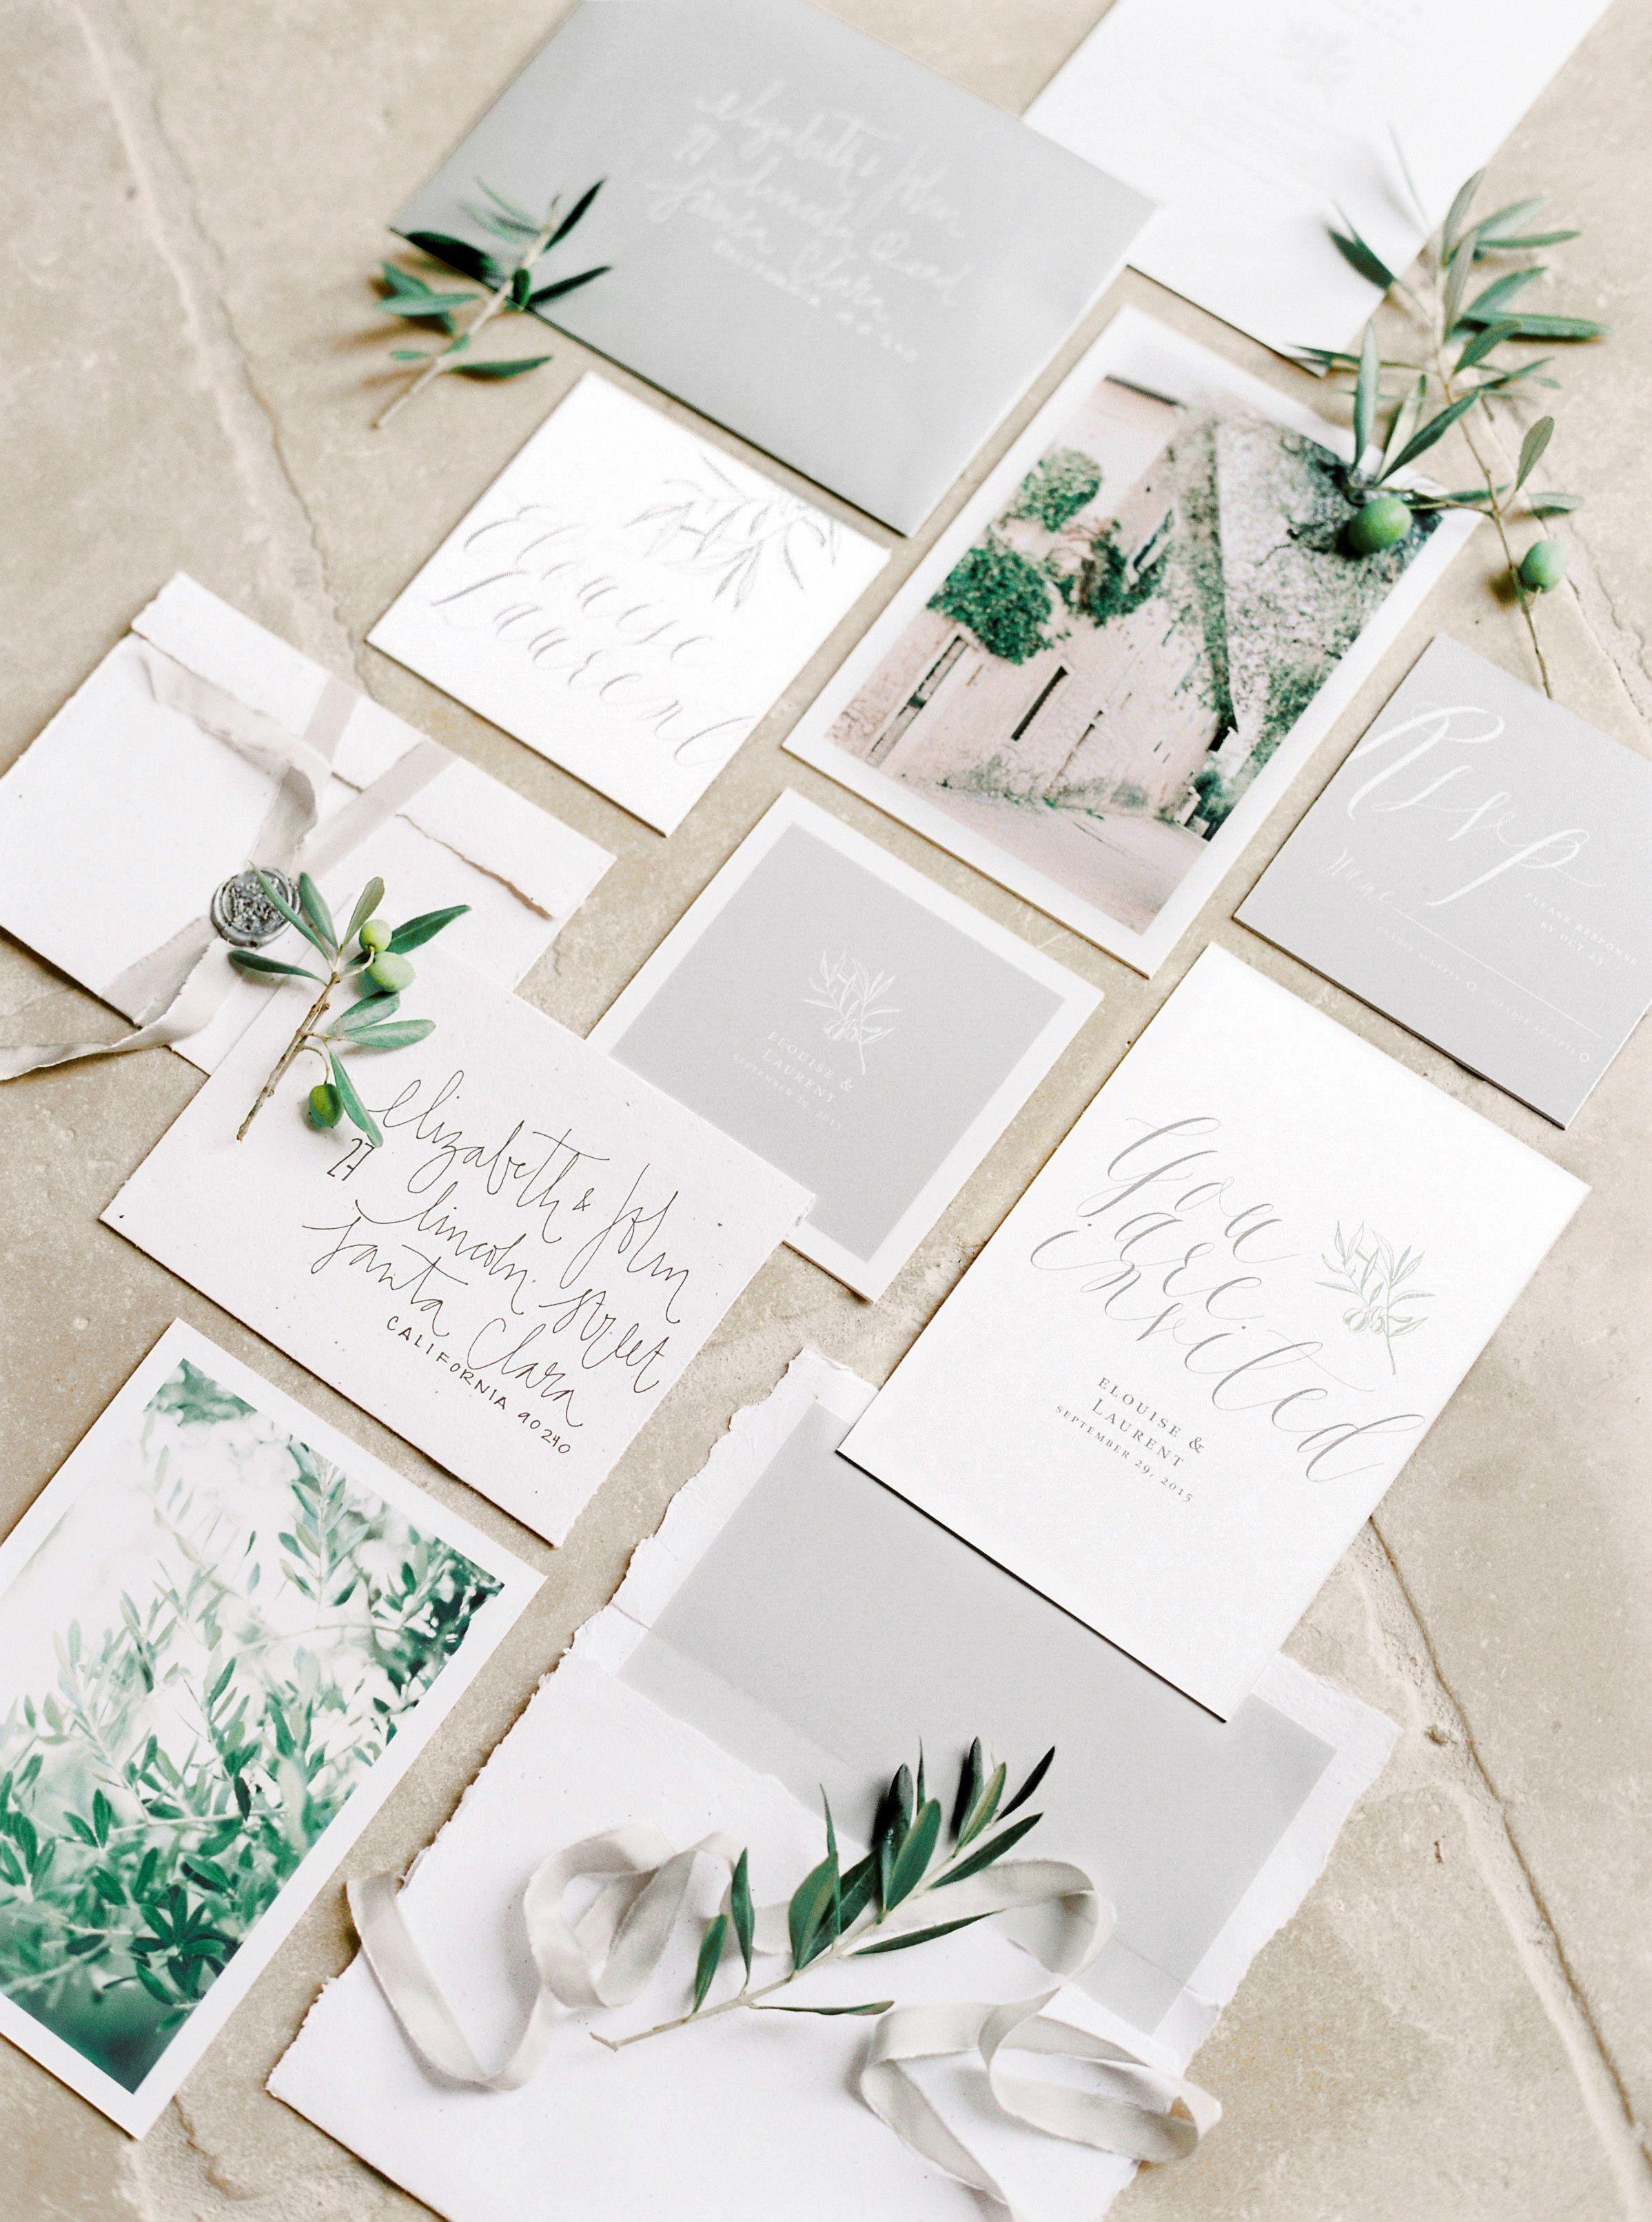 Florale hochzeits einladungen mit oliven ästen im grün grau farbstil weddinginvitation